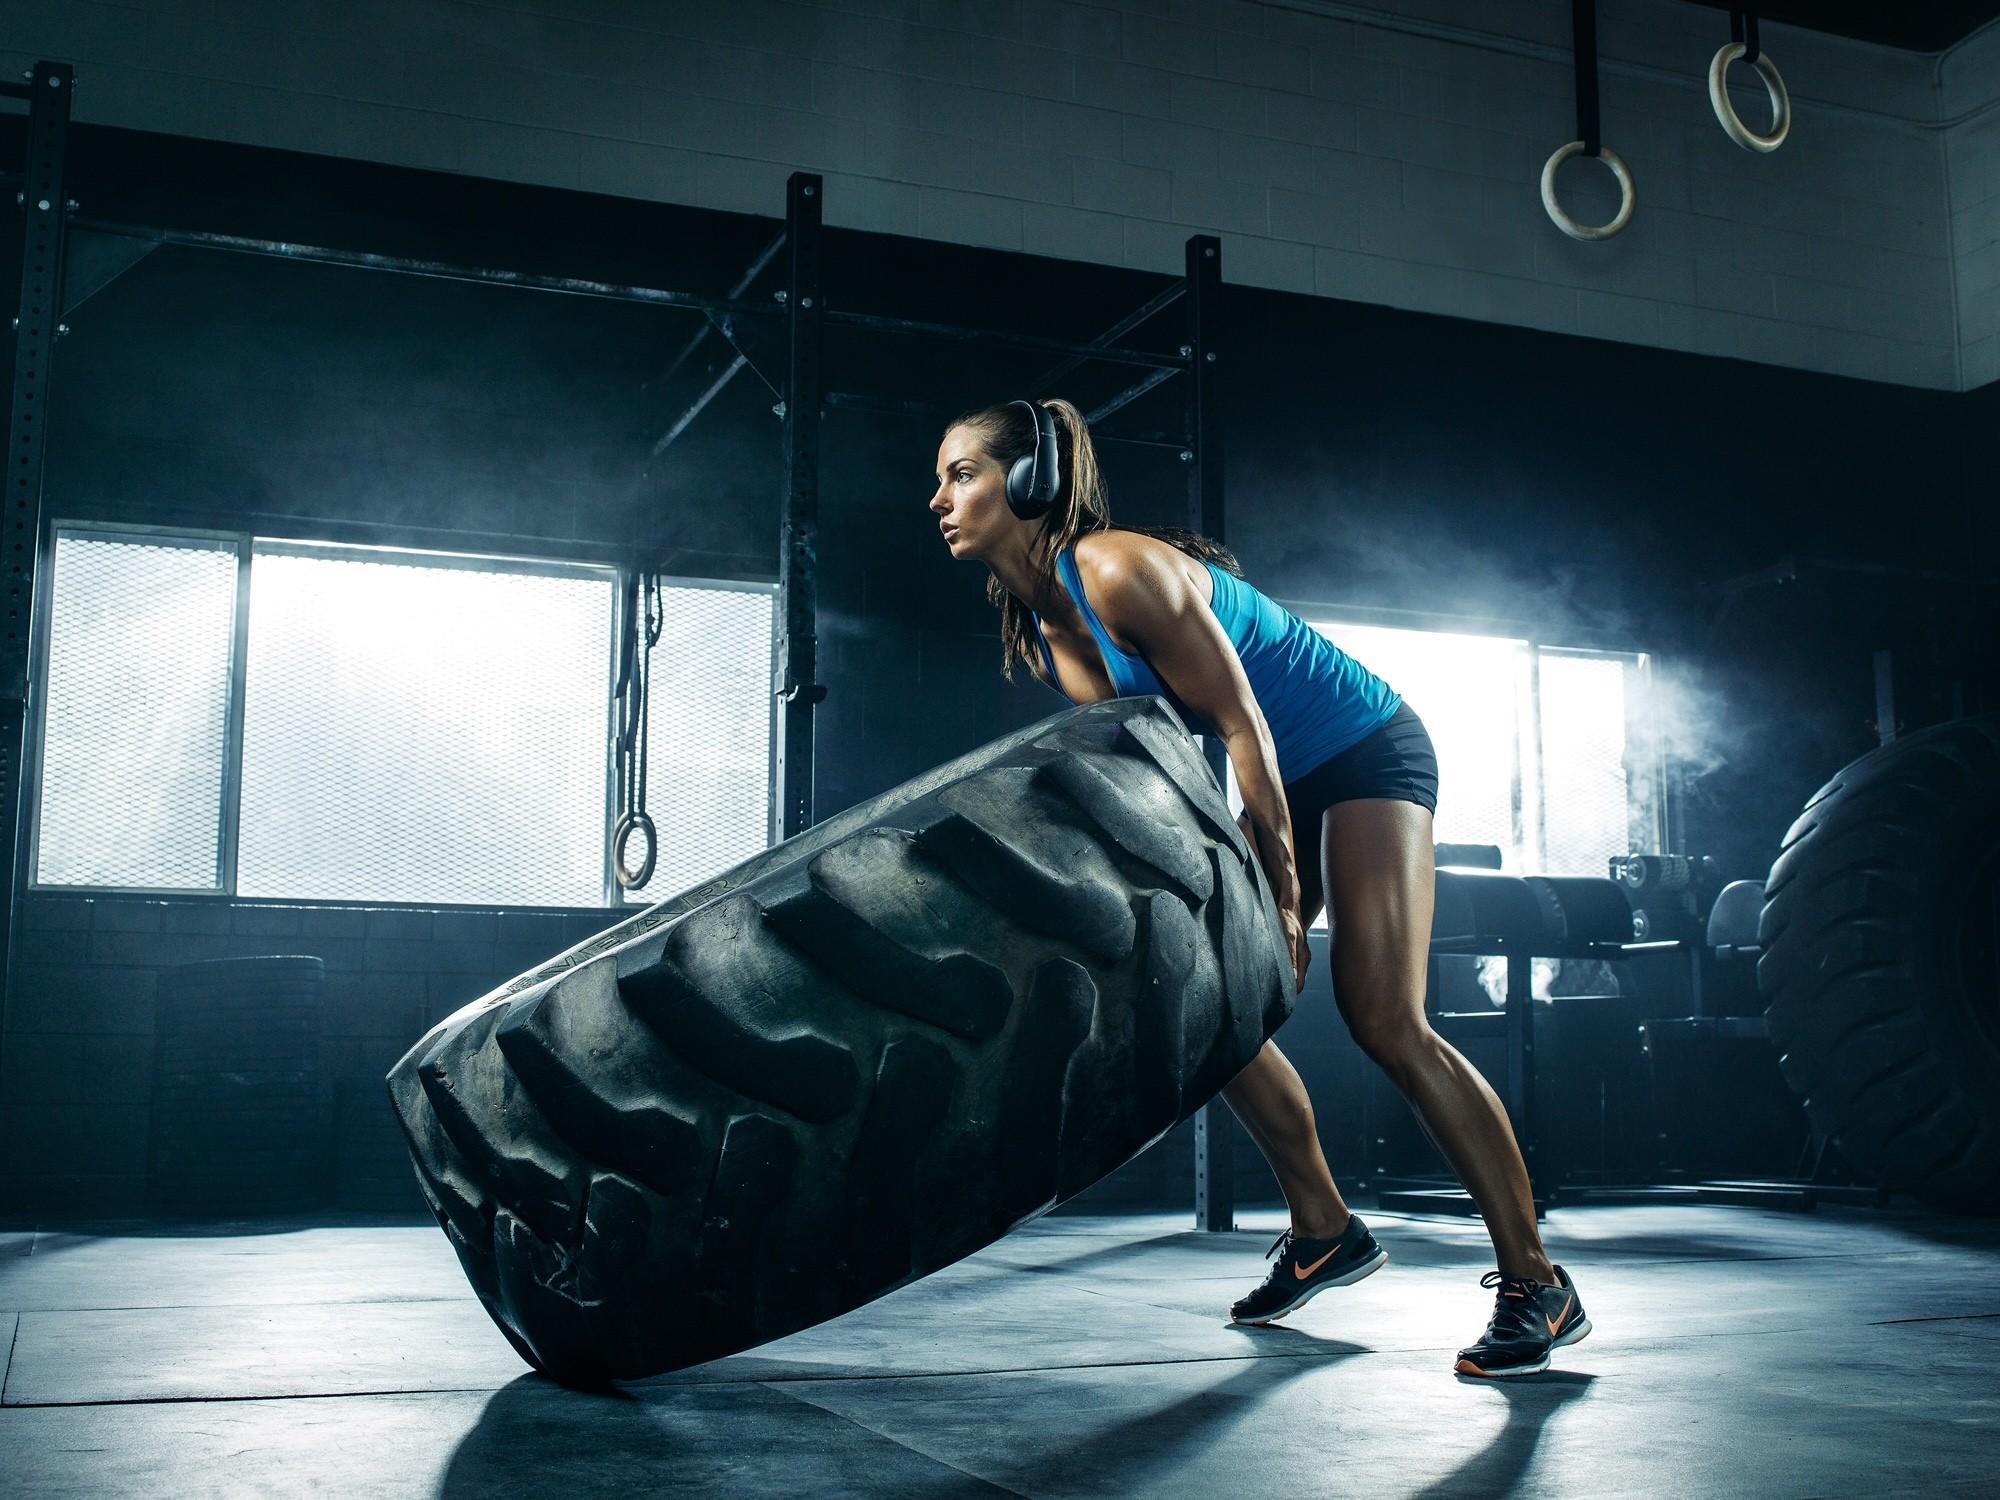 Female fitness models wallpaper